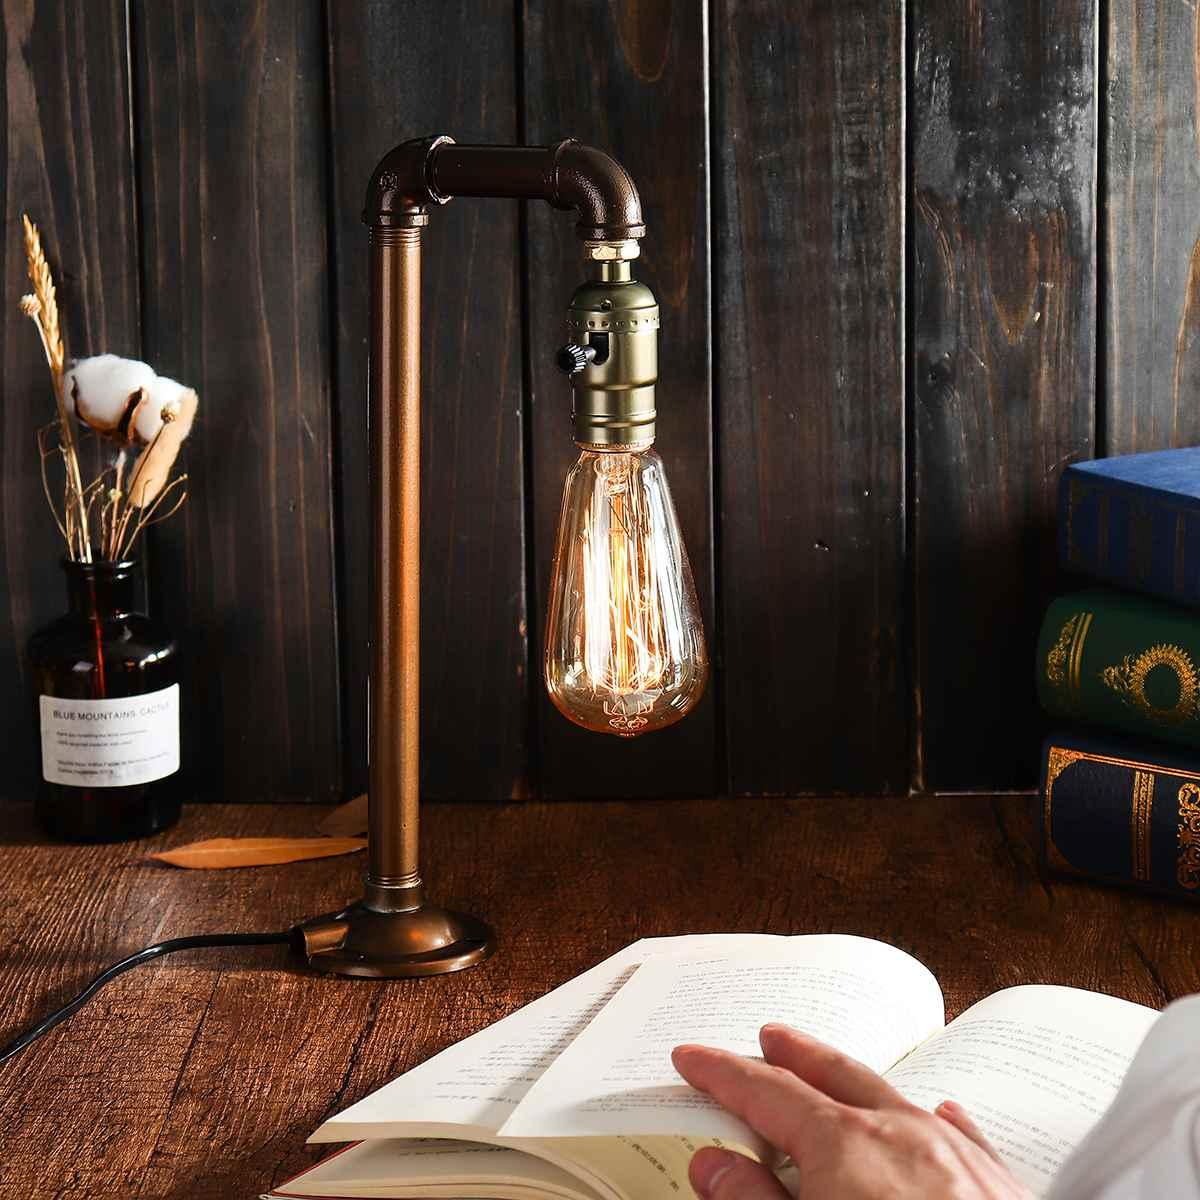 מים צינור תעשייתי שולחן מנורת E27 הנורה אור בציר שולחן שולחן פנס מנורת מתקן תאורה פנימית בית חדר שינה קישוט